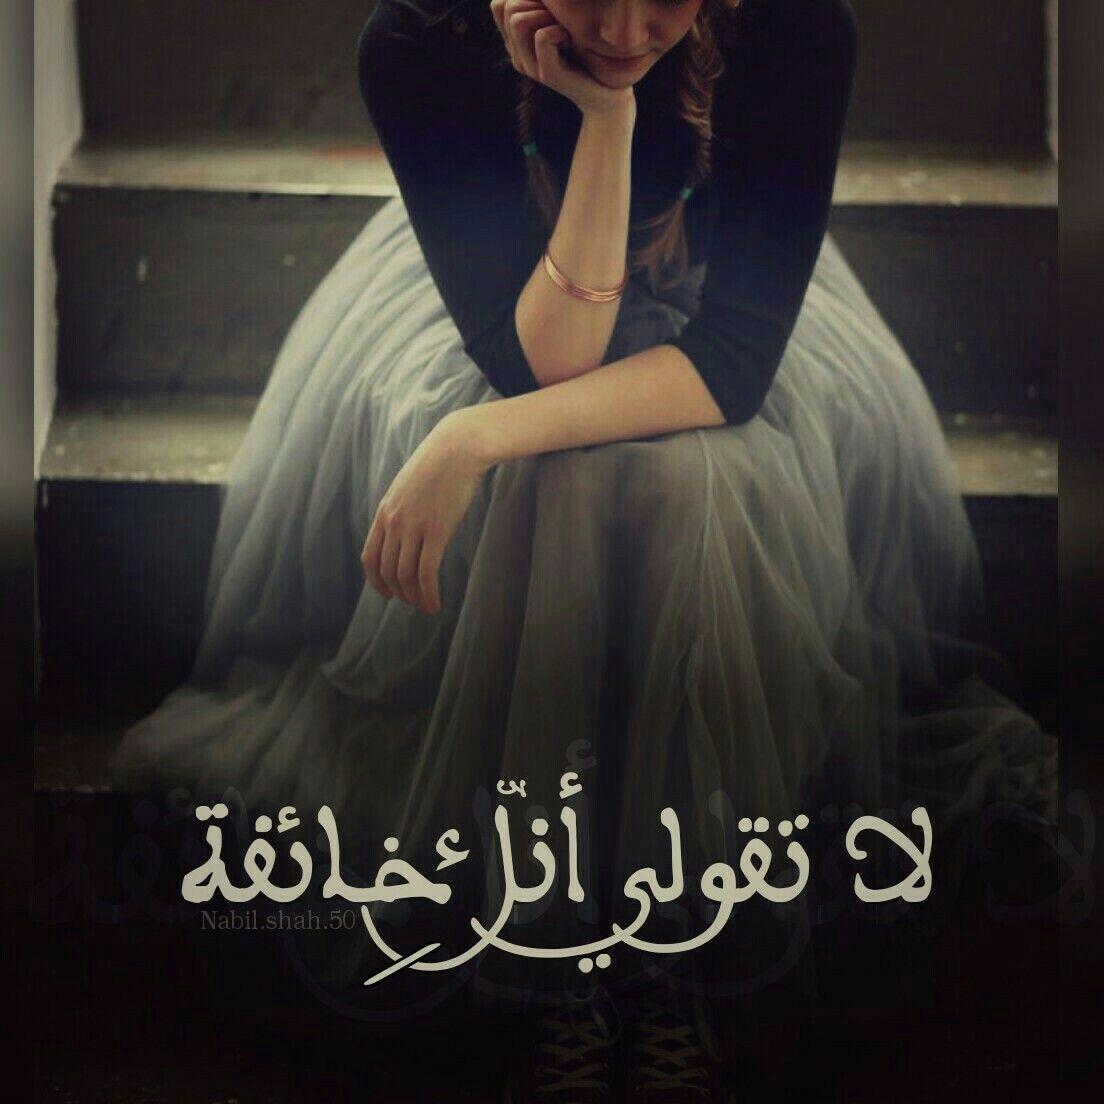 لا تقولي أنك خائفة خوف تصميم تصميمي تصاميم كلام كلمات انستا انستغرام انستقرام انستقرامي عربي بالعربي Nabil Shah لا تقولي إنك خا Arabic Words Words Quotations